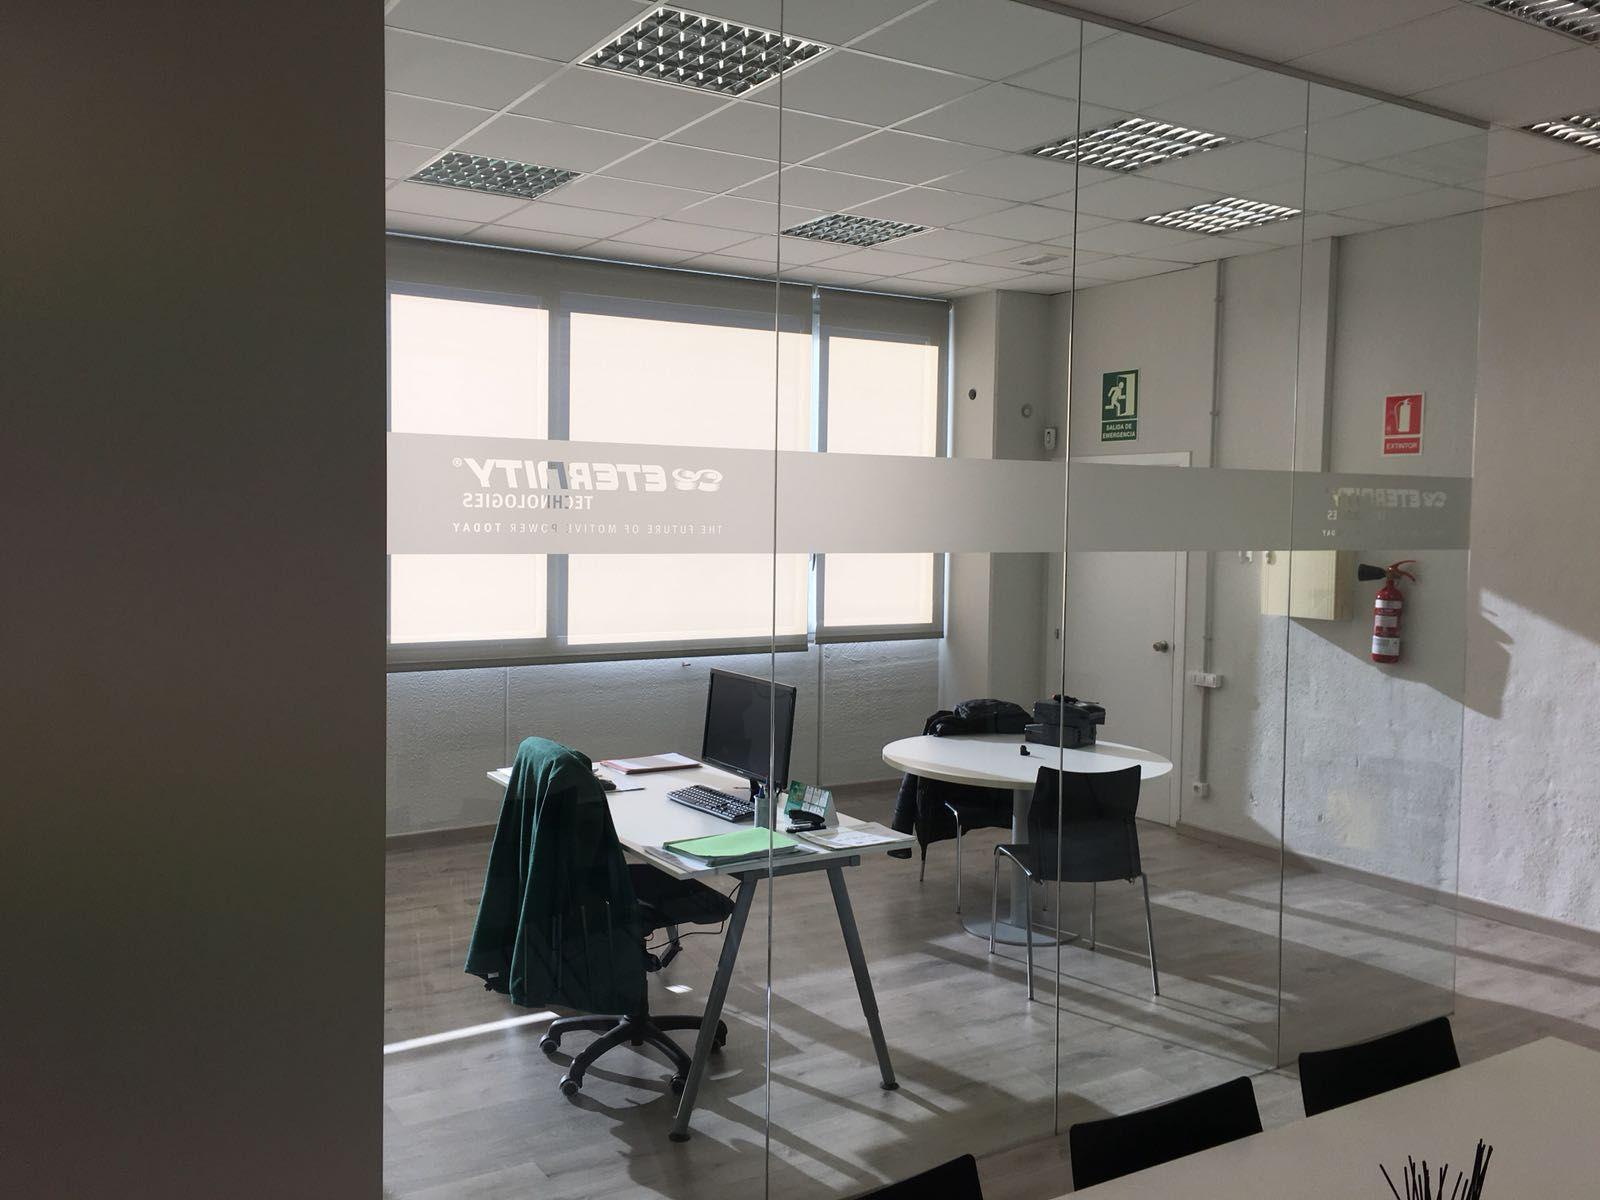 Divisorias de interior: Productos y servicios de Cristalería Jiménez